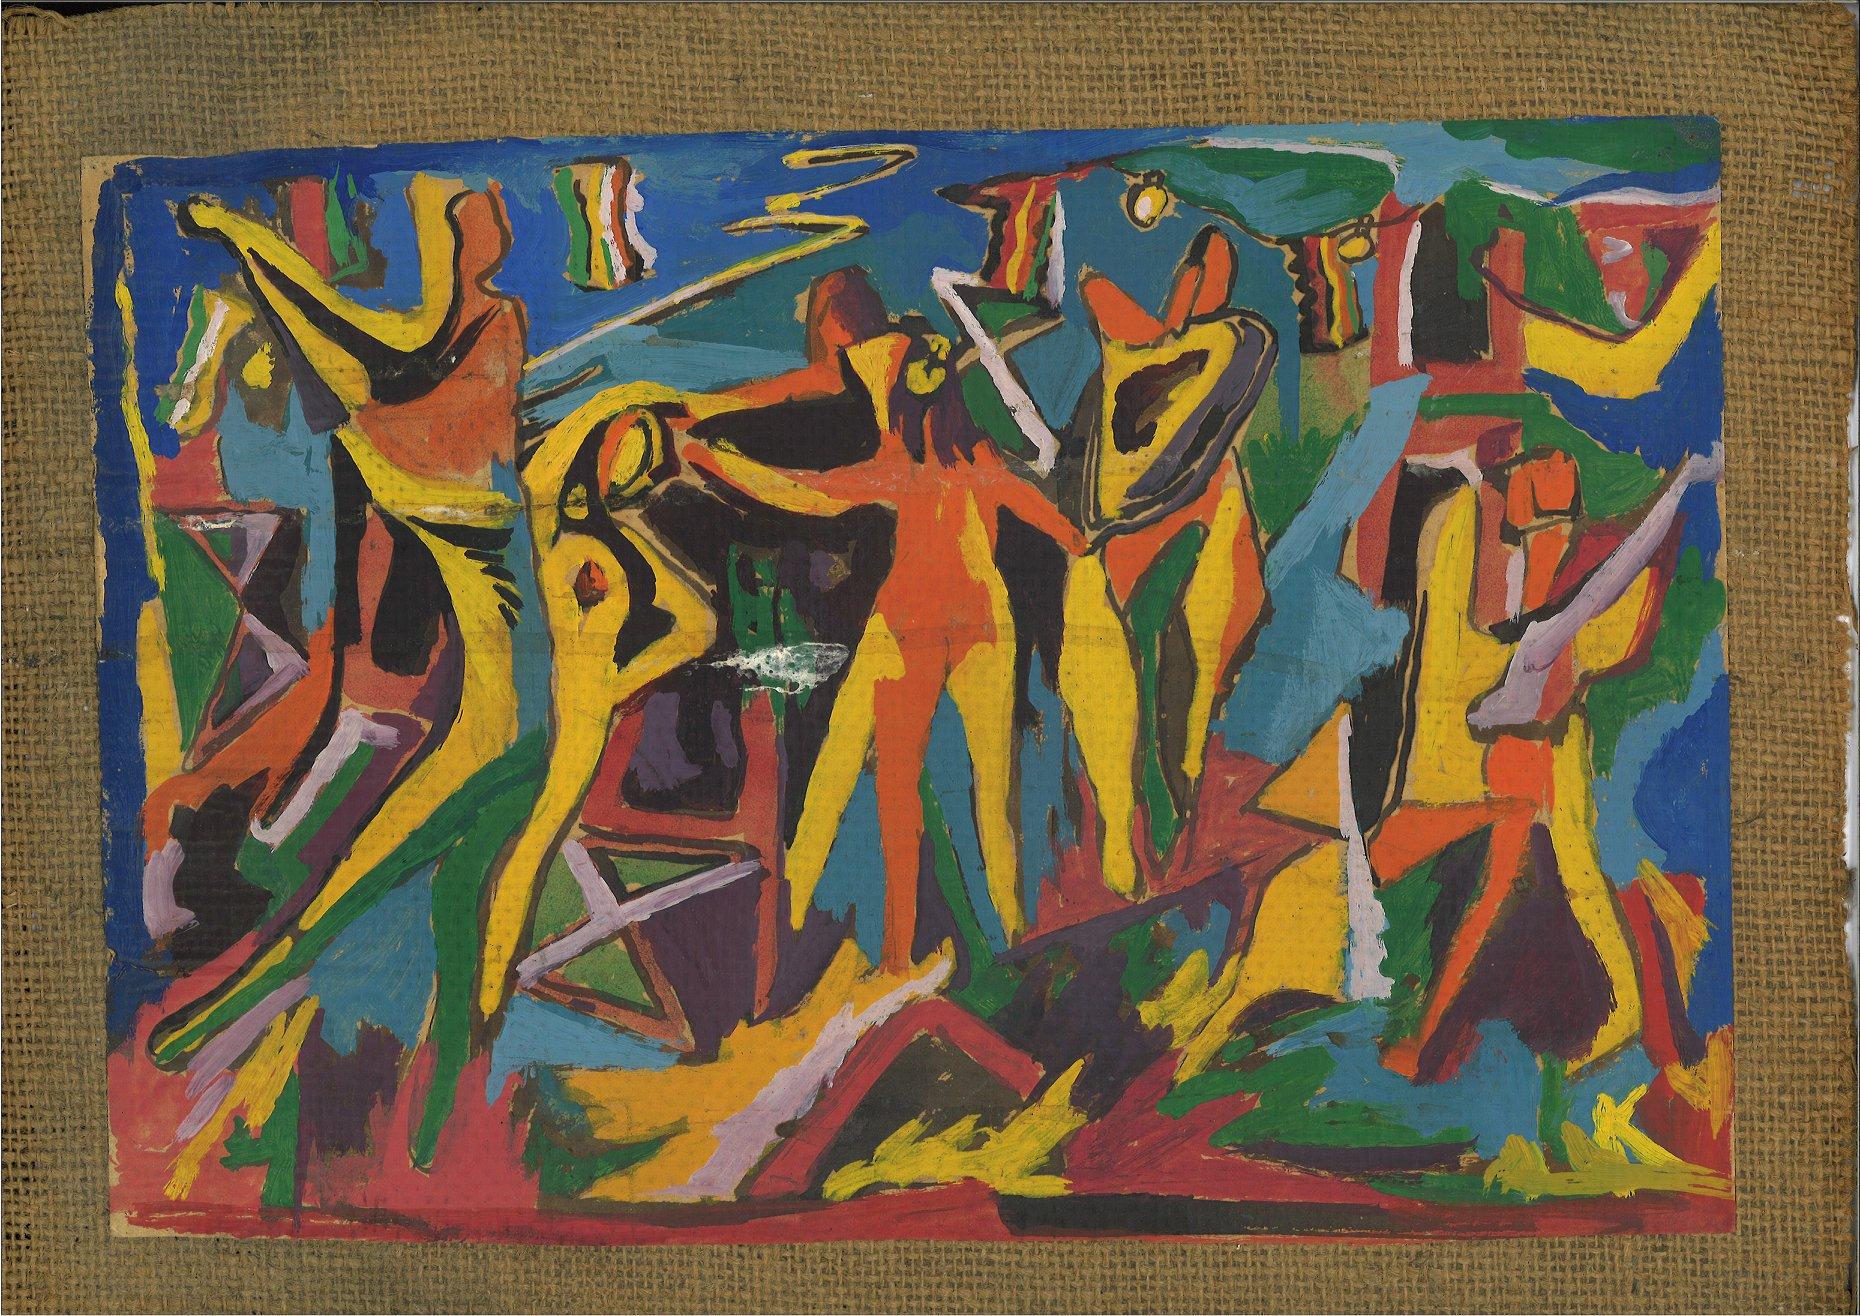 Giuseppe Capogrossi, Composizione di figure danzanti, 1947-48, tecnica mista su carta intelata, cm 30x40 circa